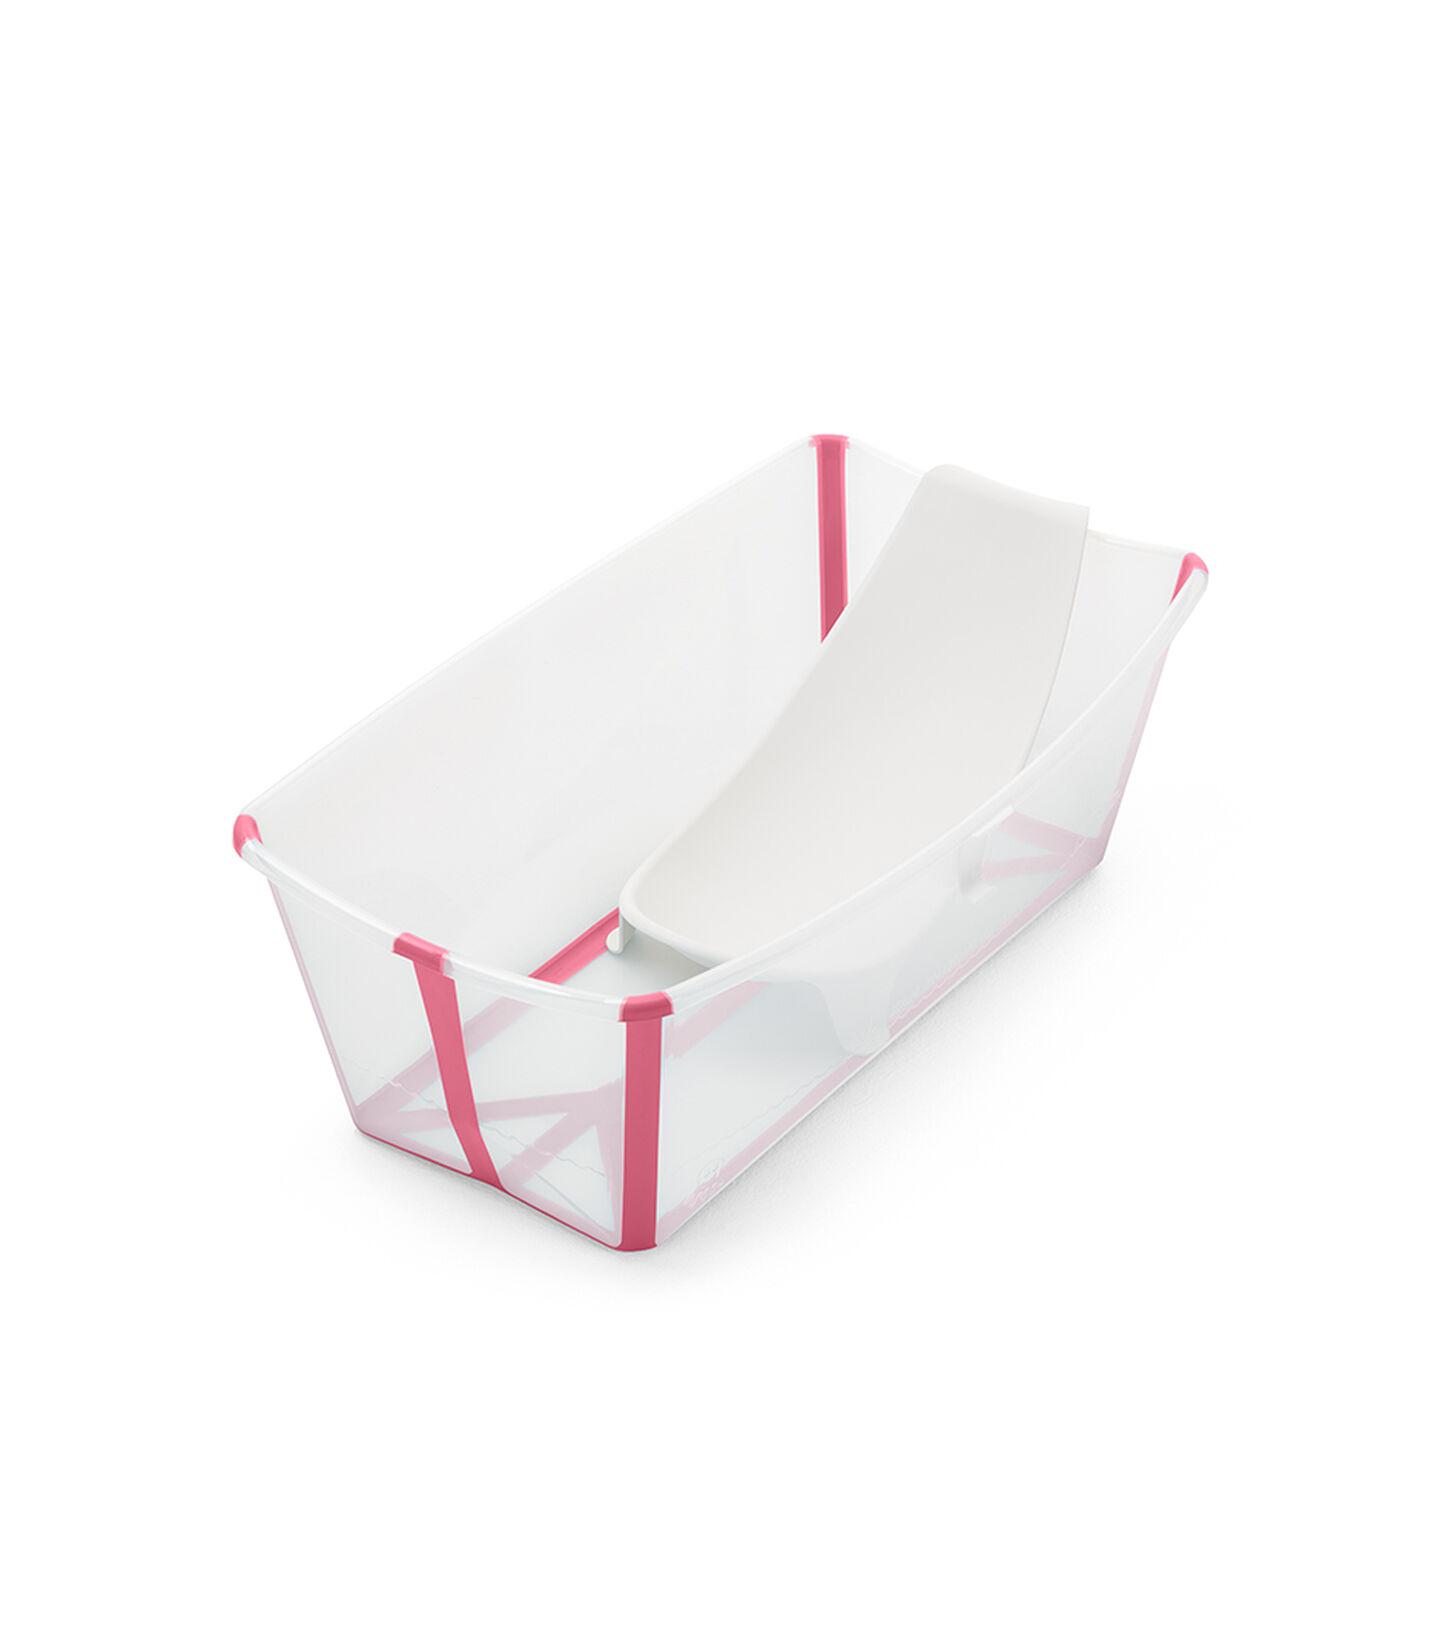 Stokke® Flexi Bath® Heat Bundle Transparent Pink, Transparent Pink, mainview view 2